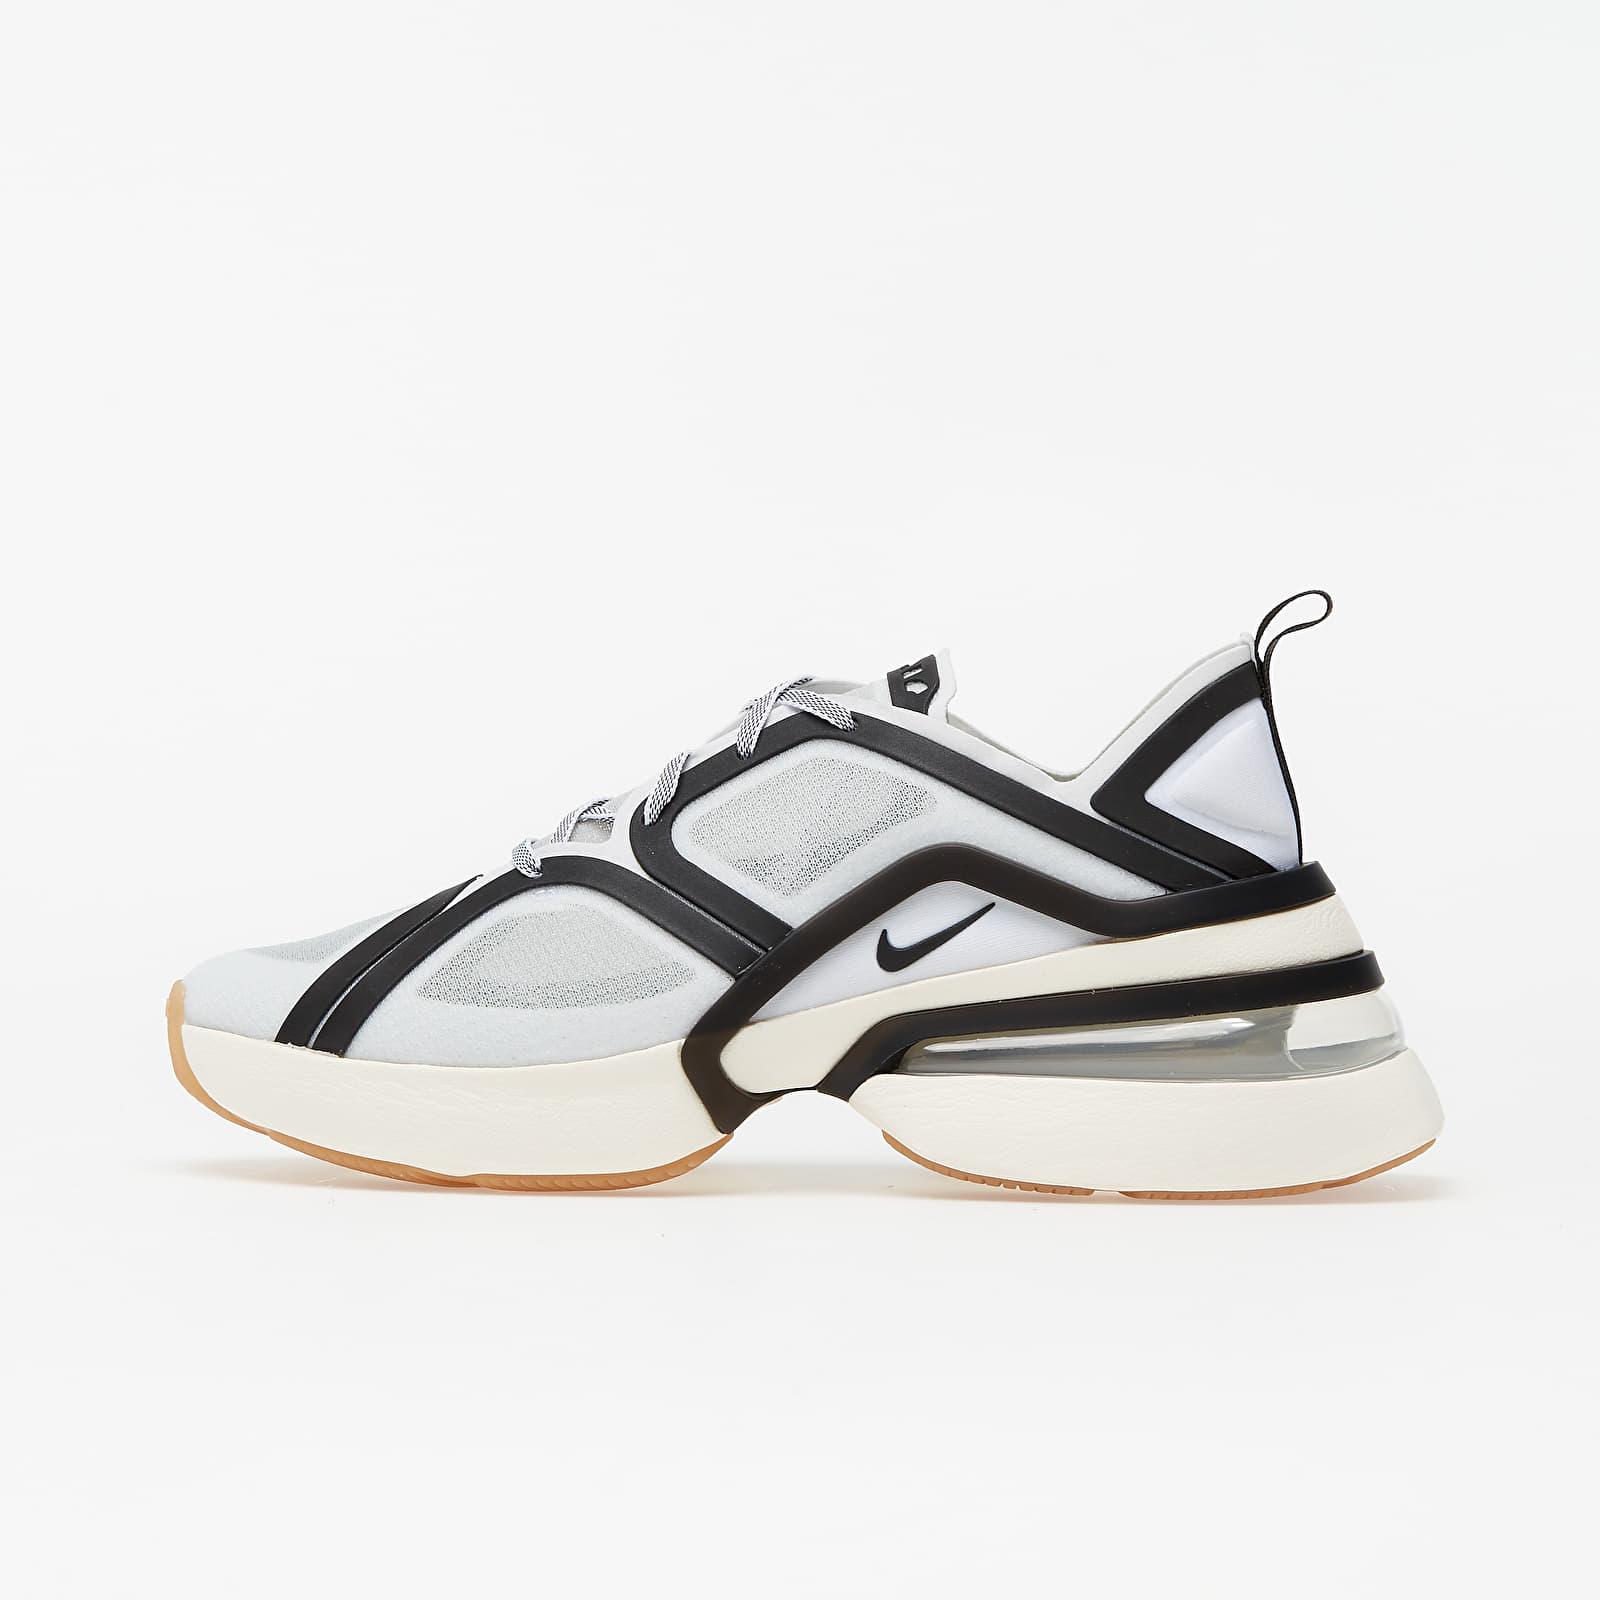 Nike W Air Max 270 XX QS White/ Black-Pale Ivory-Gum Med Brown EUR 44